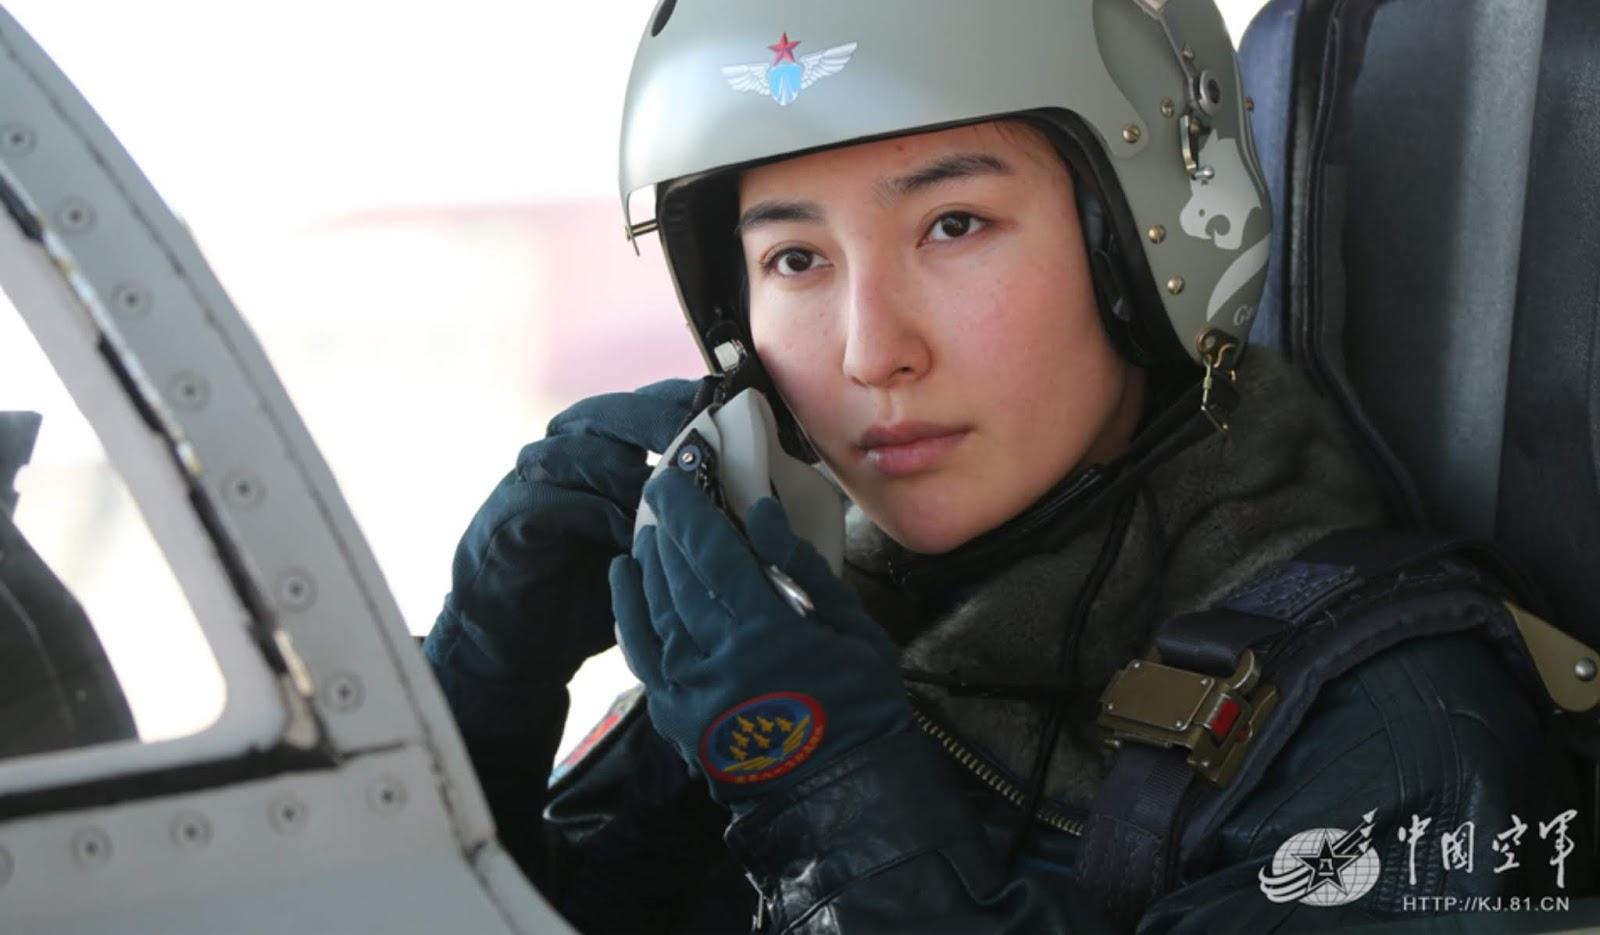 China Mulai Menggunakan Aplikasi Ponsel khusus untuk Mengontrol Personel Militer